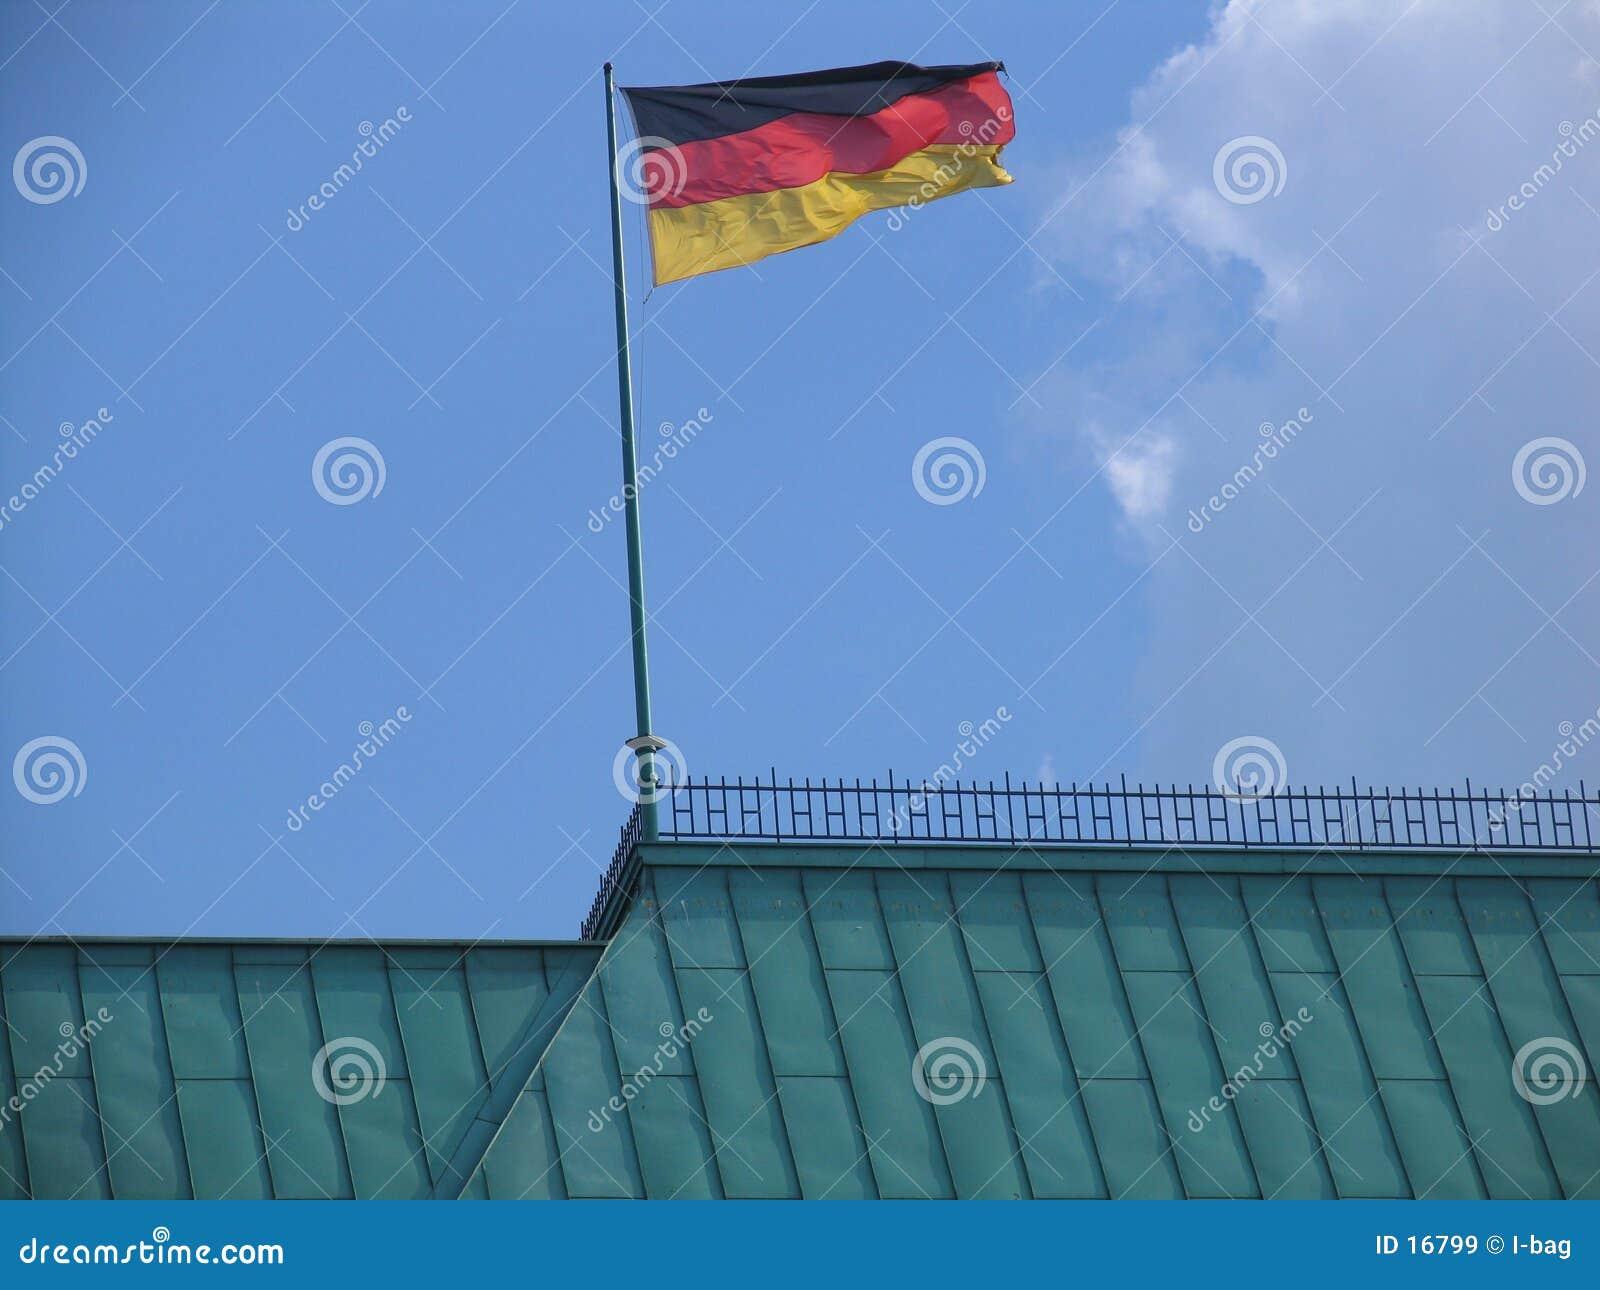 Flagg德语